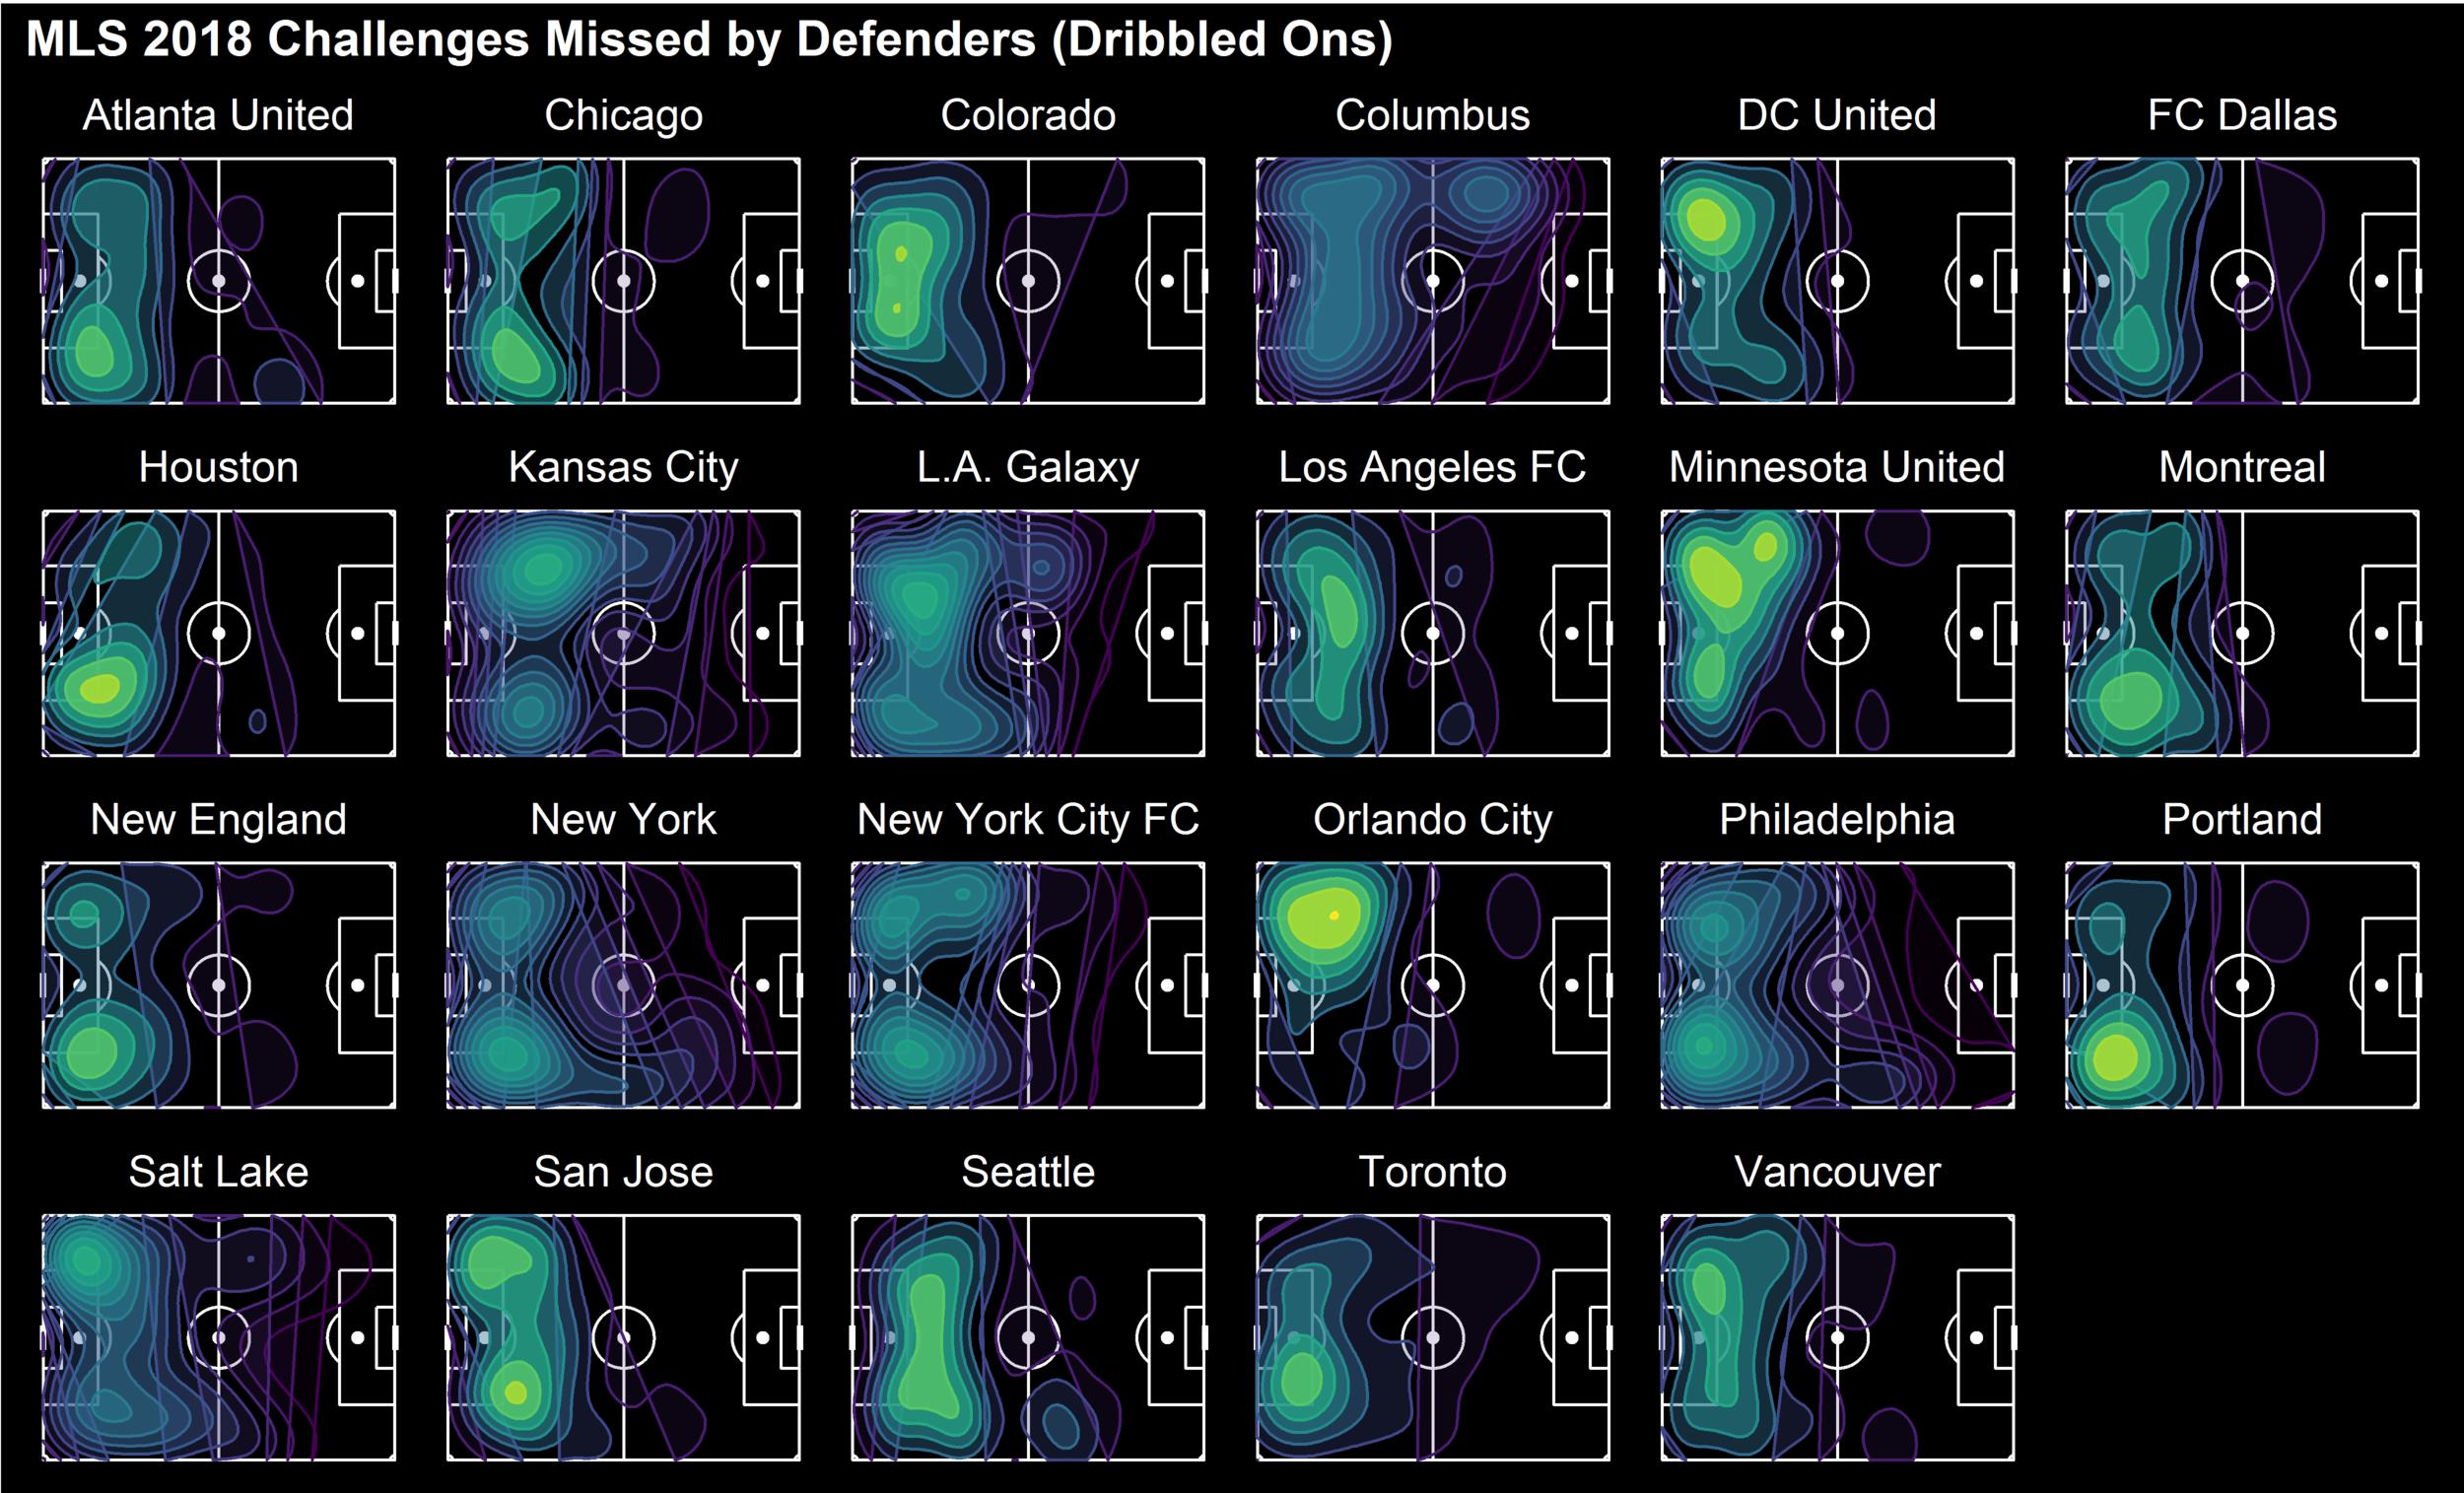 MLS 2018 Challenges Missed by Defenders.png